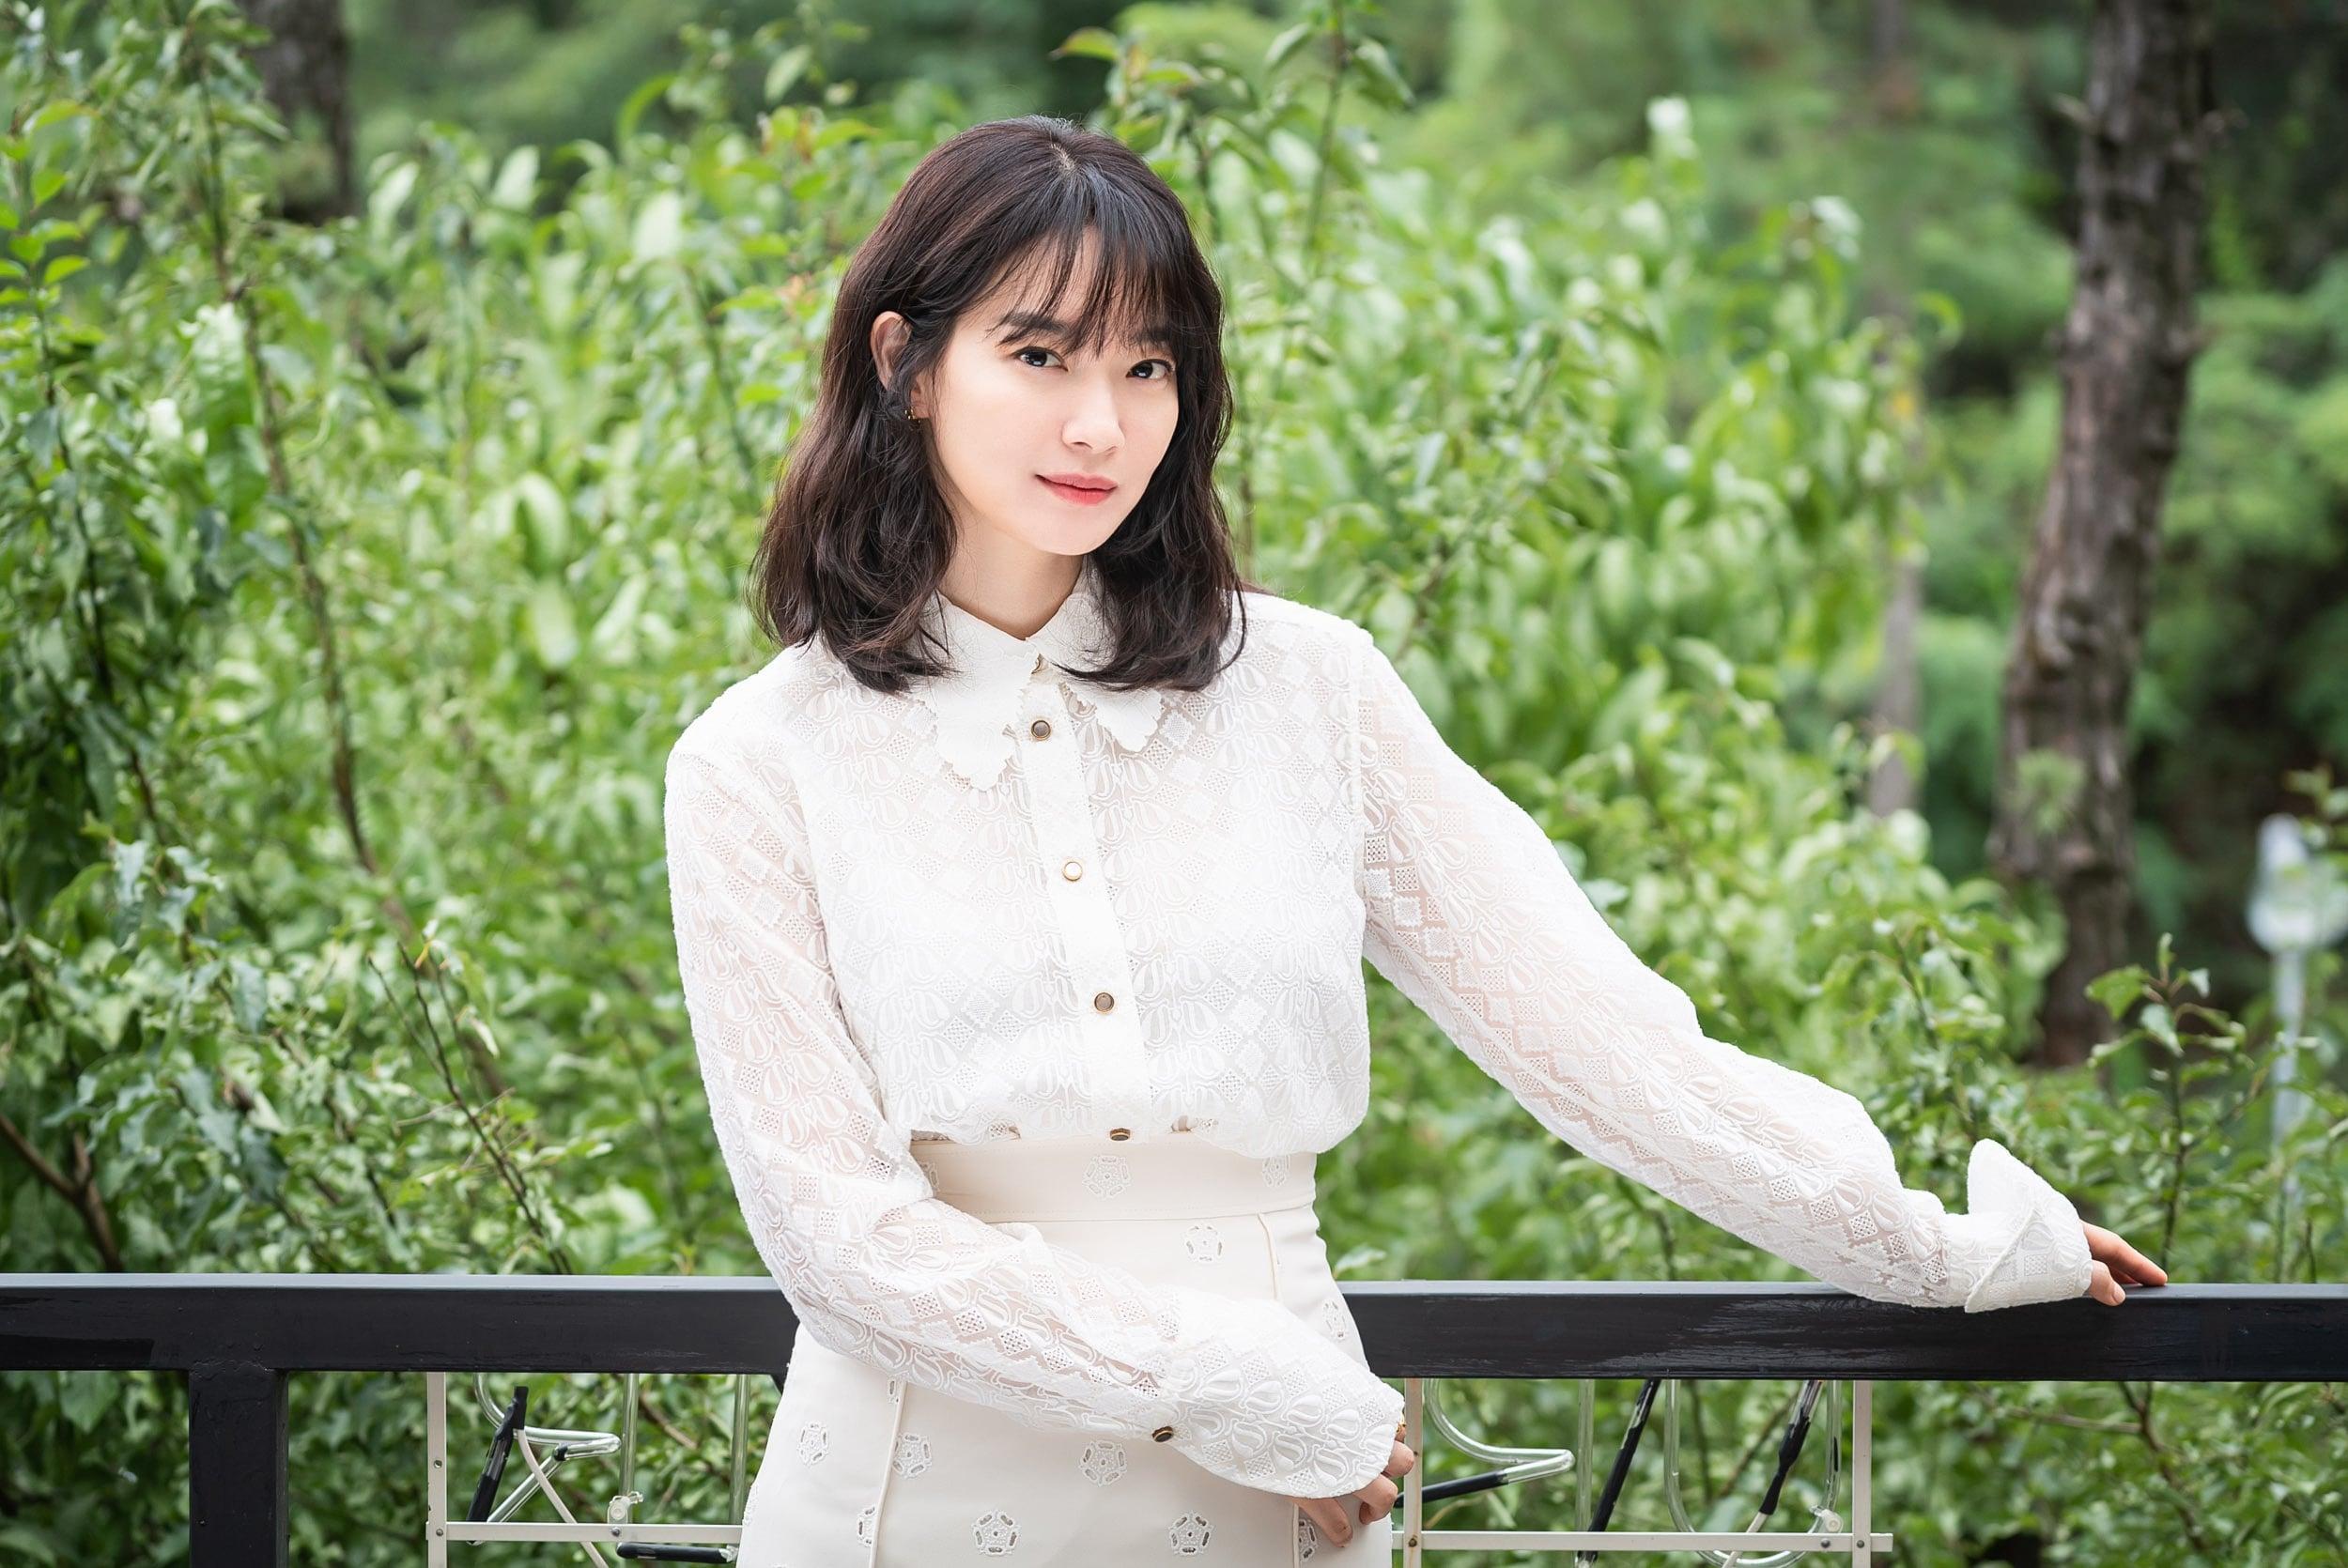 영화 '디바' 출연 배우 신민아. 사진 에이엠엔터테인먼트, 영화사 올(주)